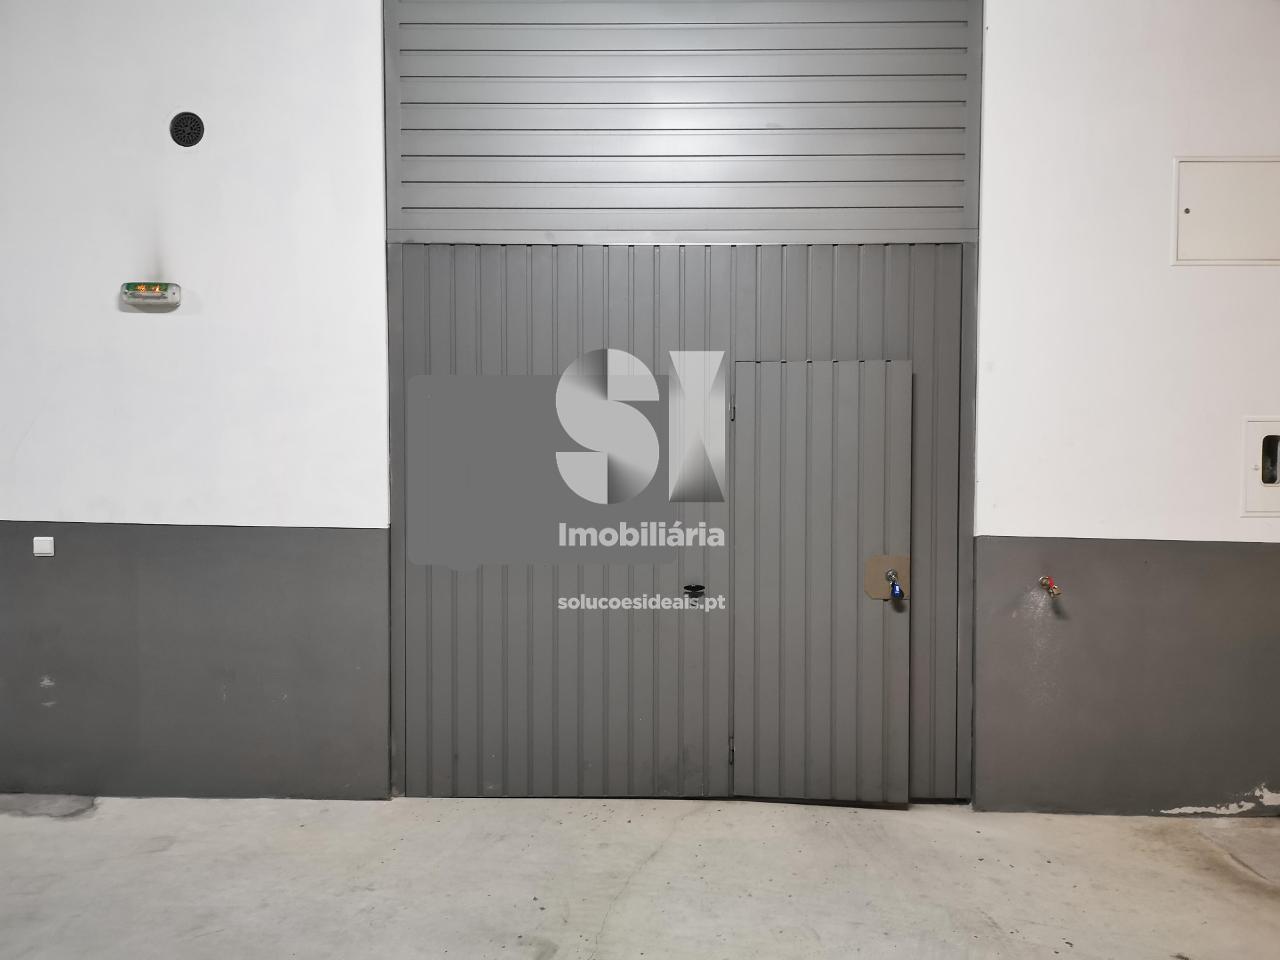 garagem para arrendamento em coimbra santo antonio dos olivais norton de matos SEDDME9737_1